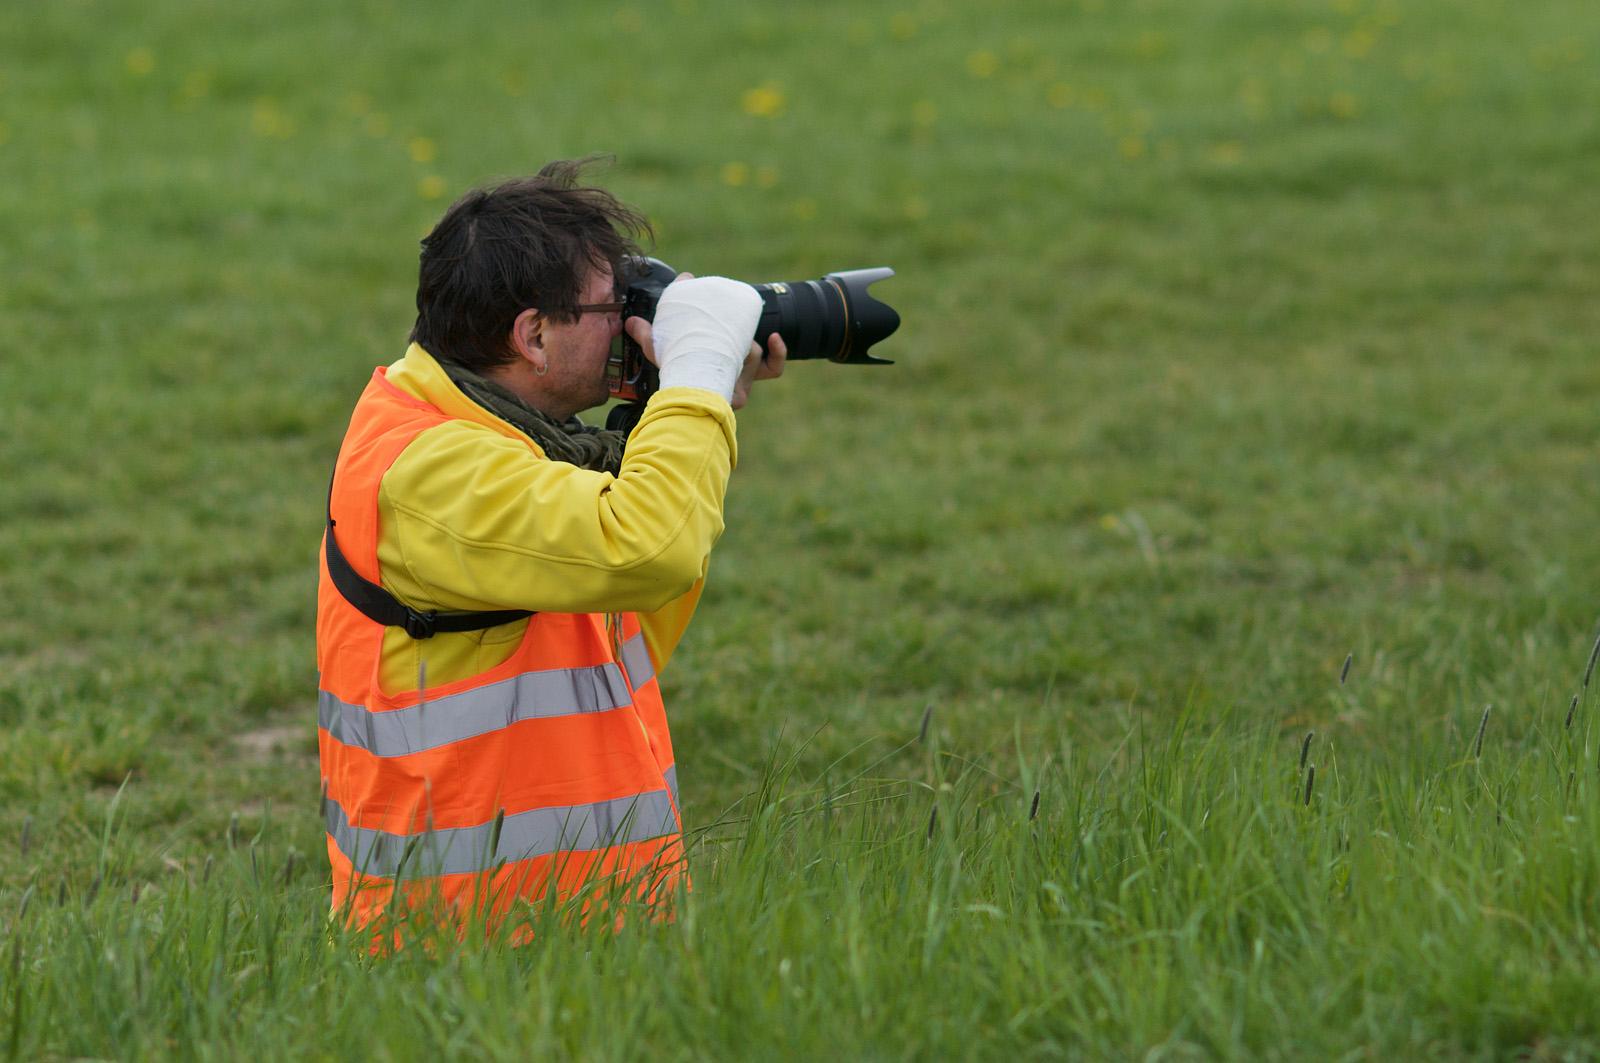 Sádrový trpaslík. Fotografie z článku Gyps foto – jak se fotí závody se sádrou na ruce | Foto Martin Reiser